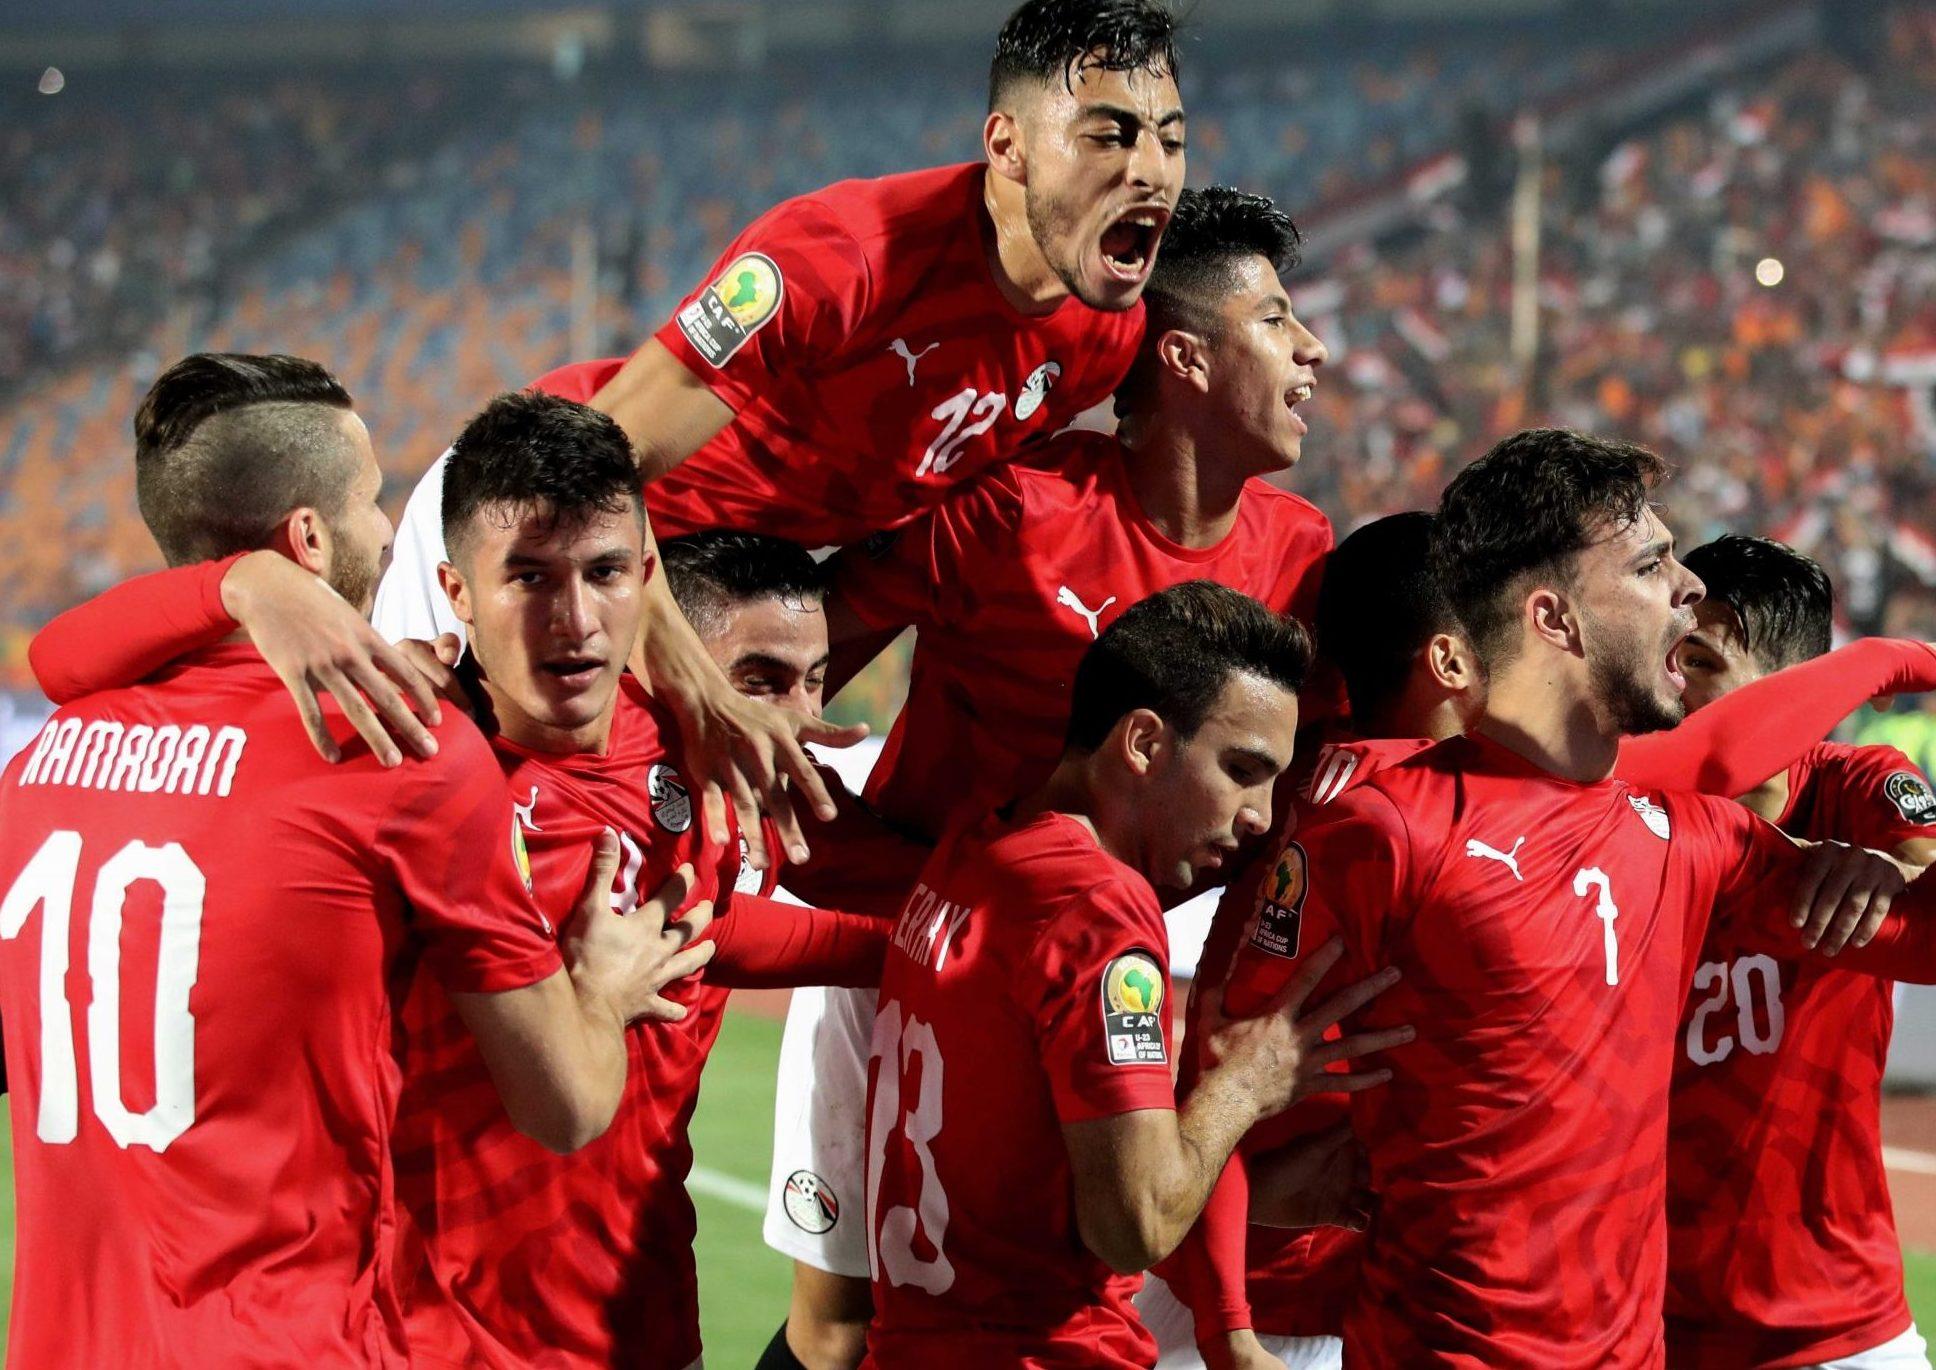 مشاهدة مجانية لمباراة إسبانيا ومصر بث مباشر عبر قنوات بي إن سبورتس